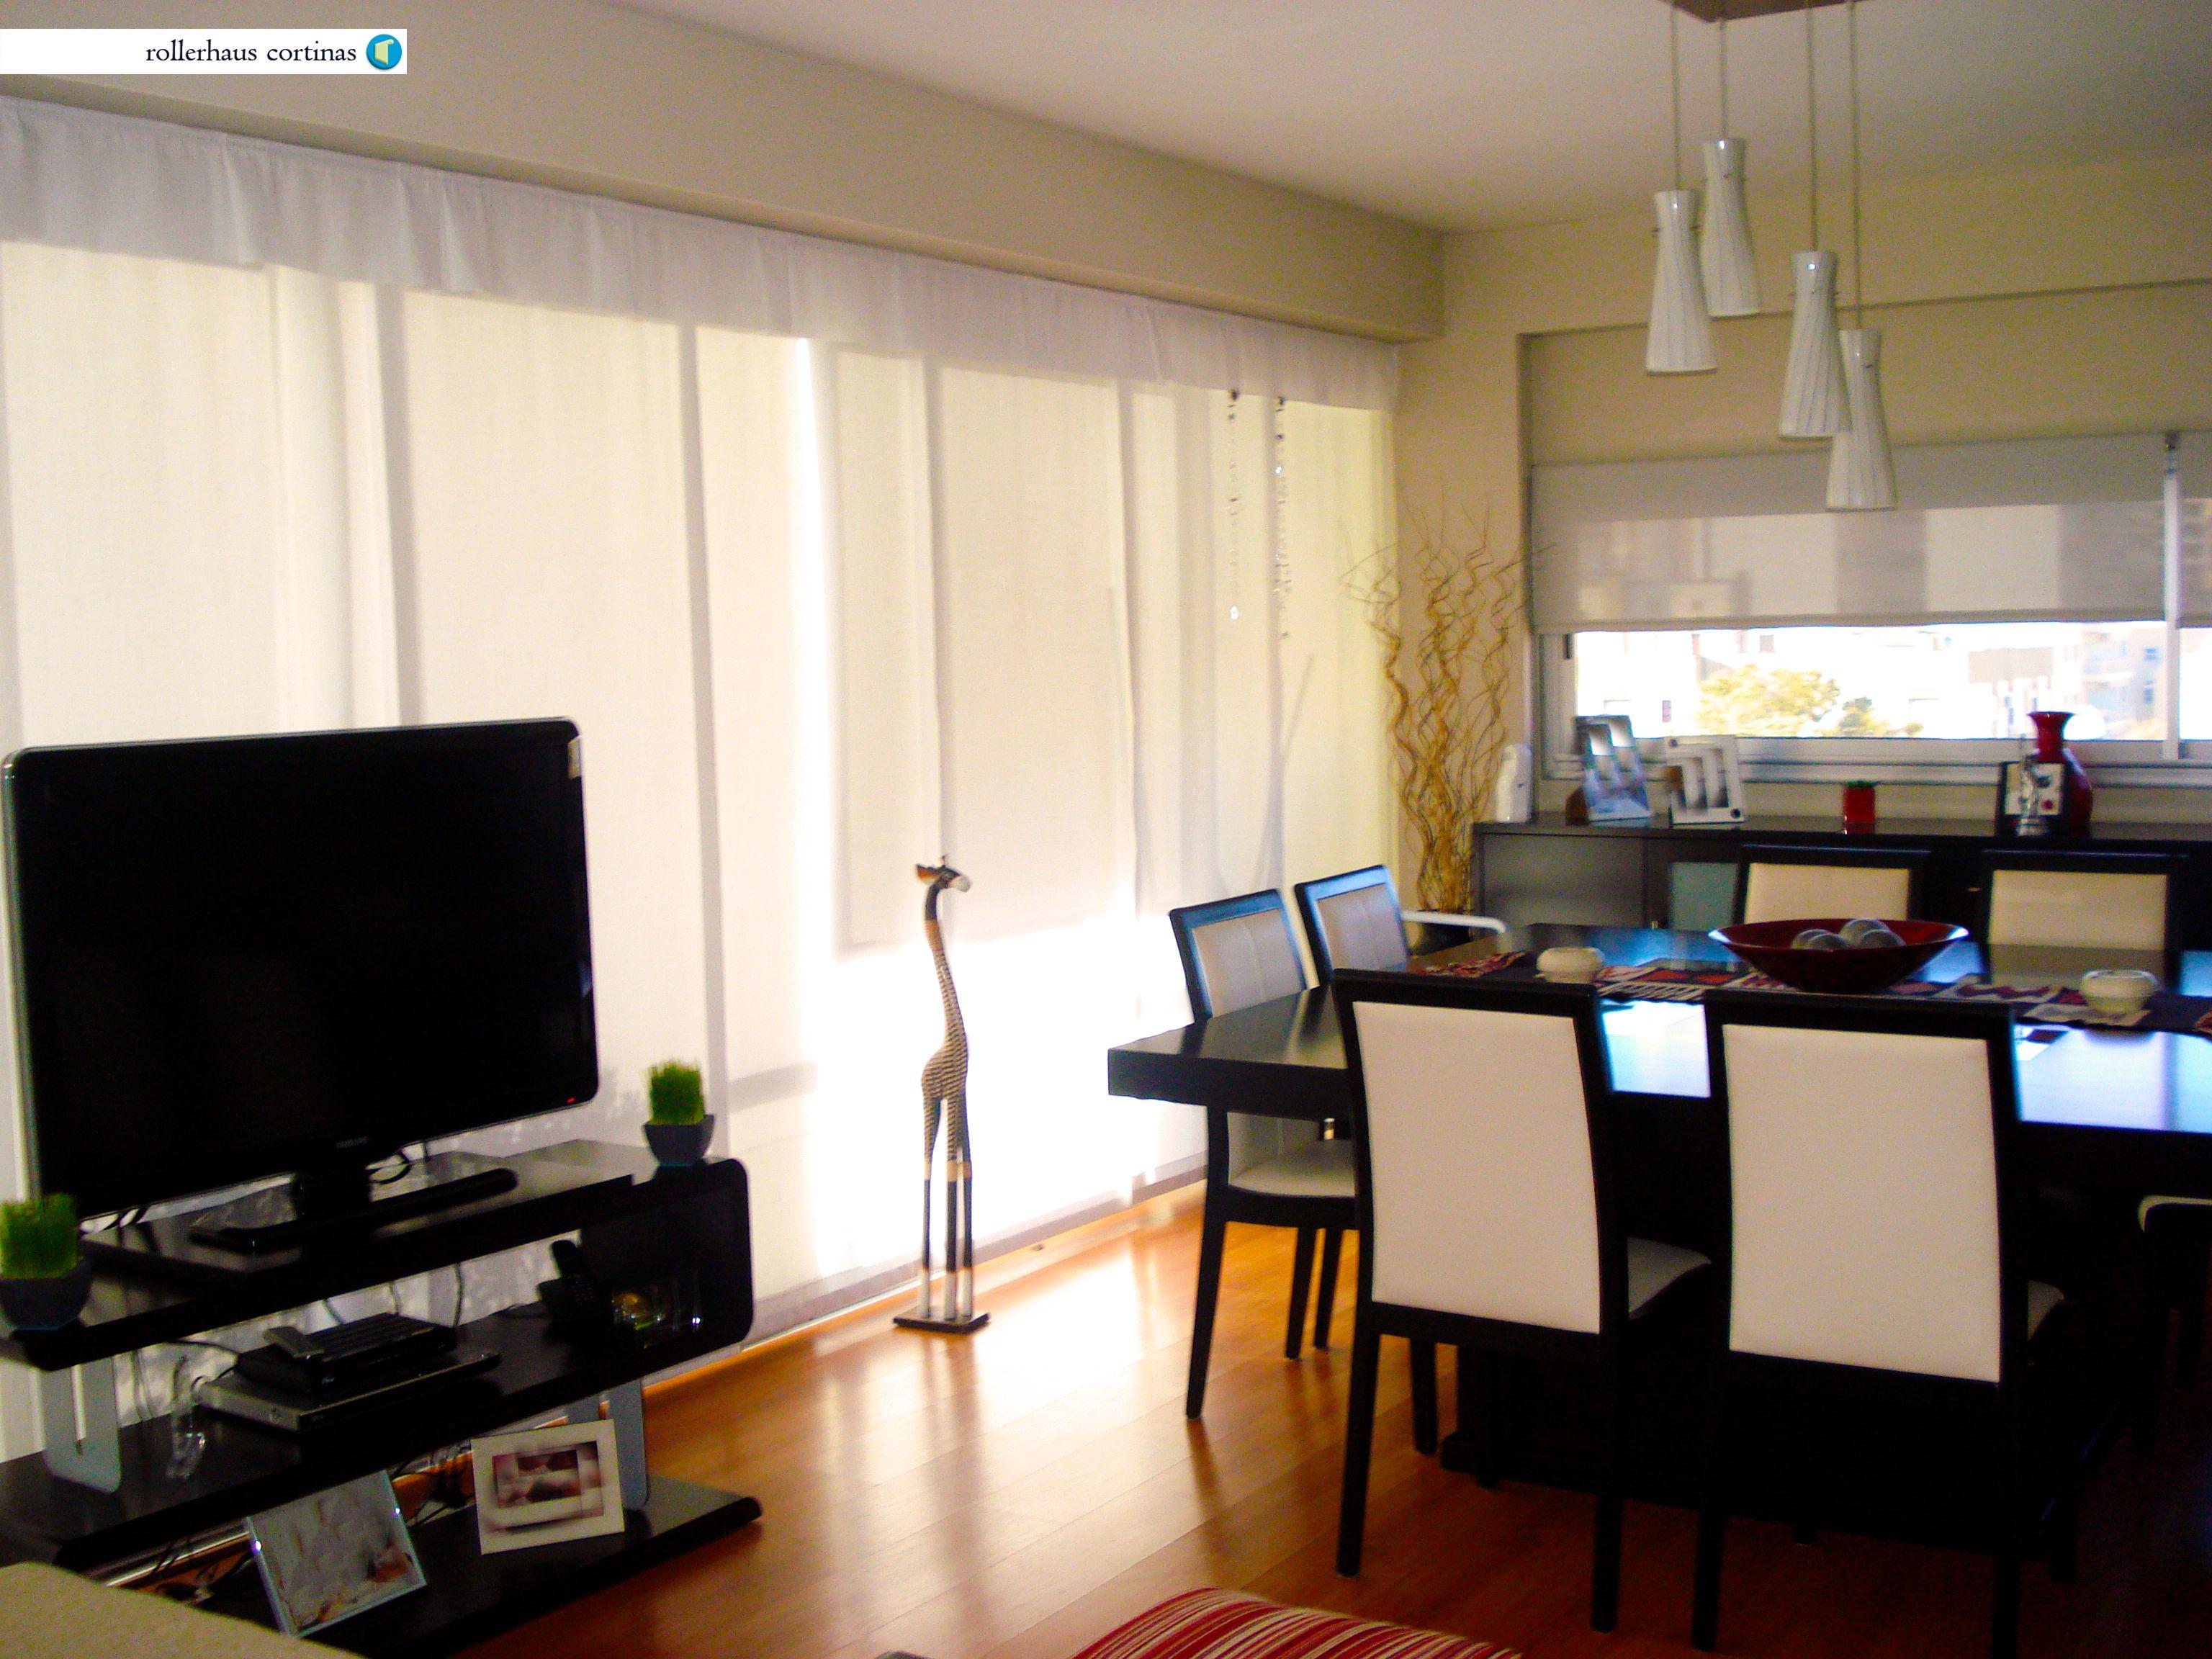 Pin de rollerhaus cortinas en paneles orientales comedores living comedor y panel - Cortinas para comedores ...